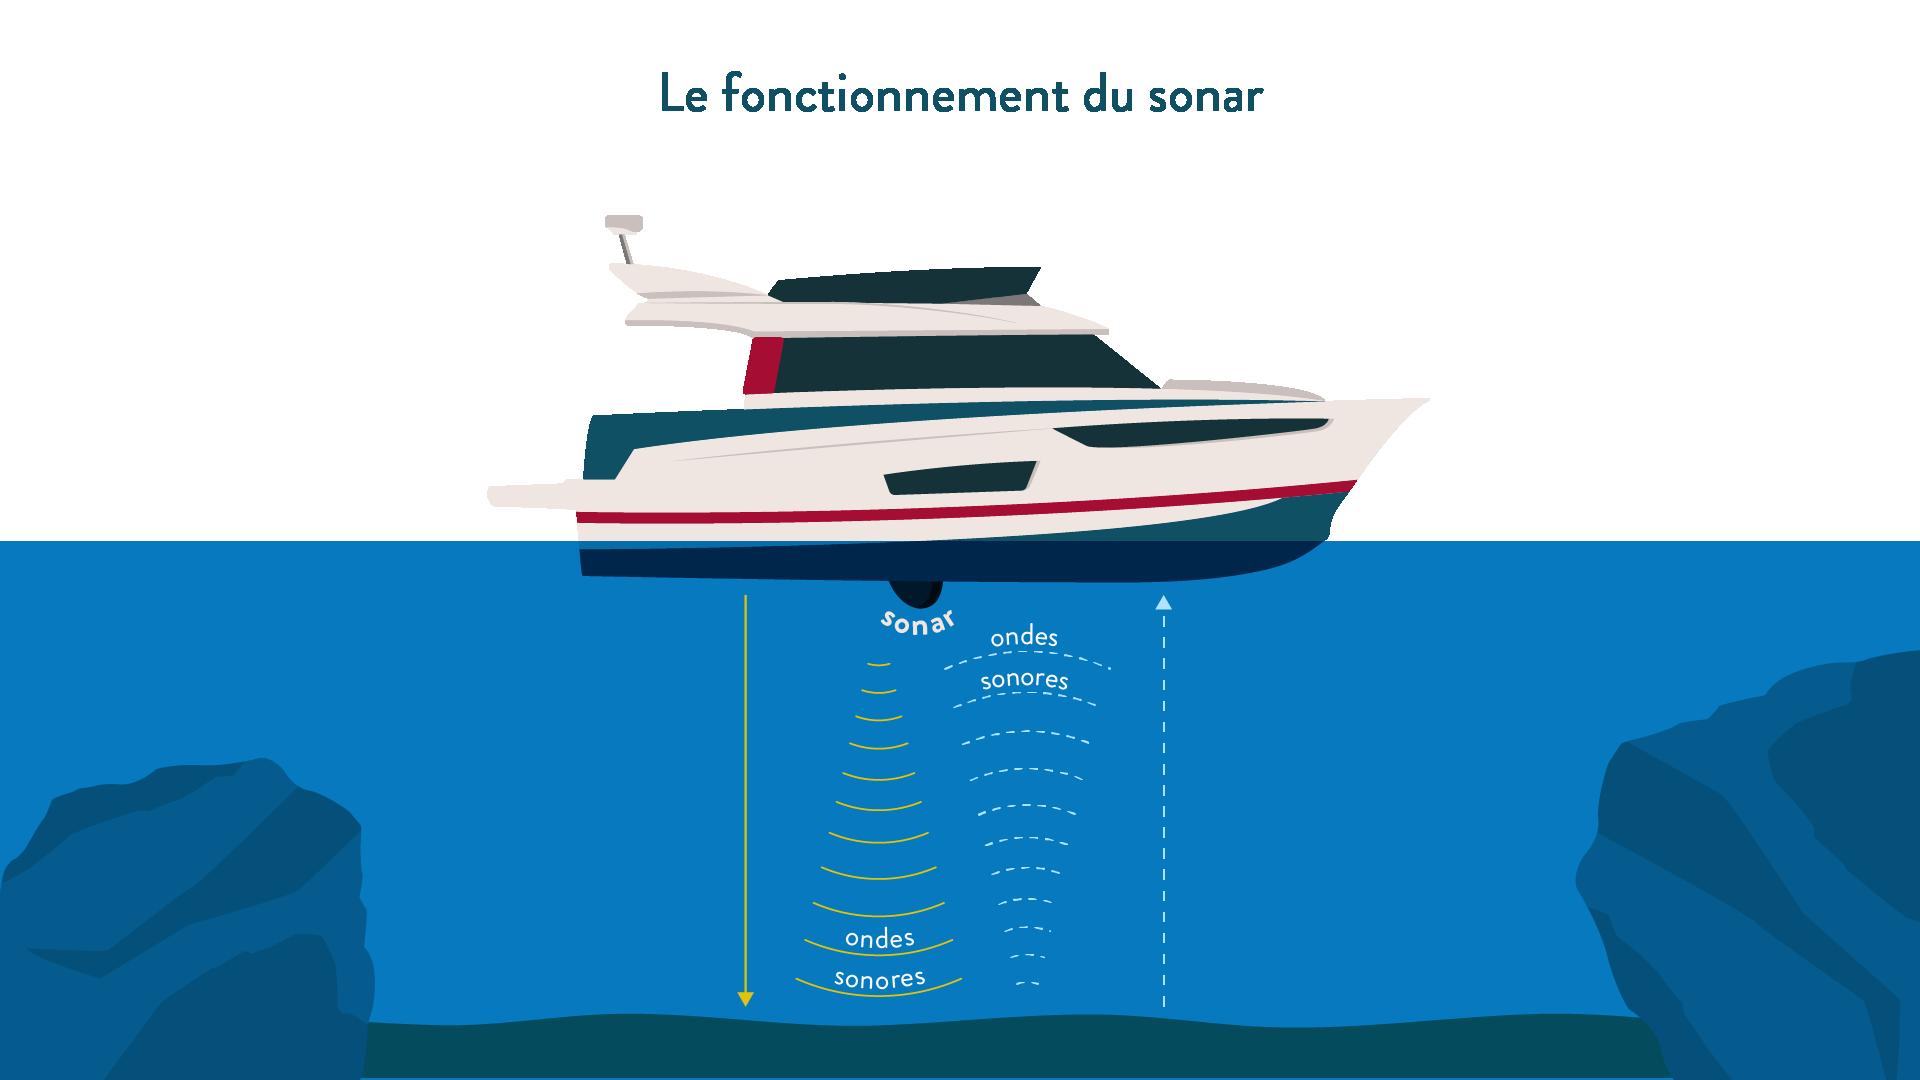 Le fonctionnement du sonar, ondes sonores